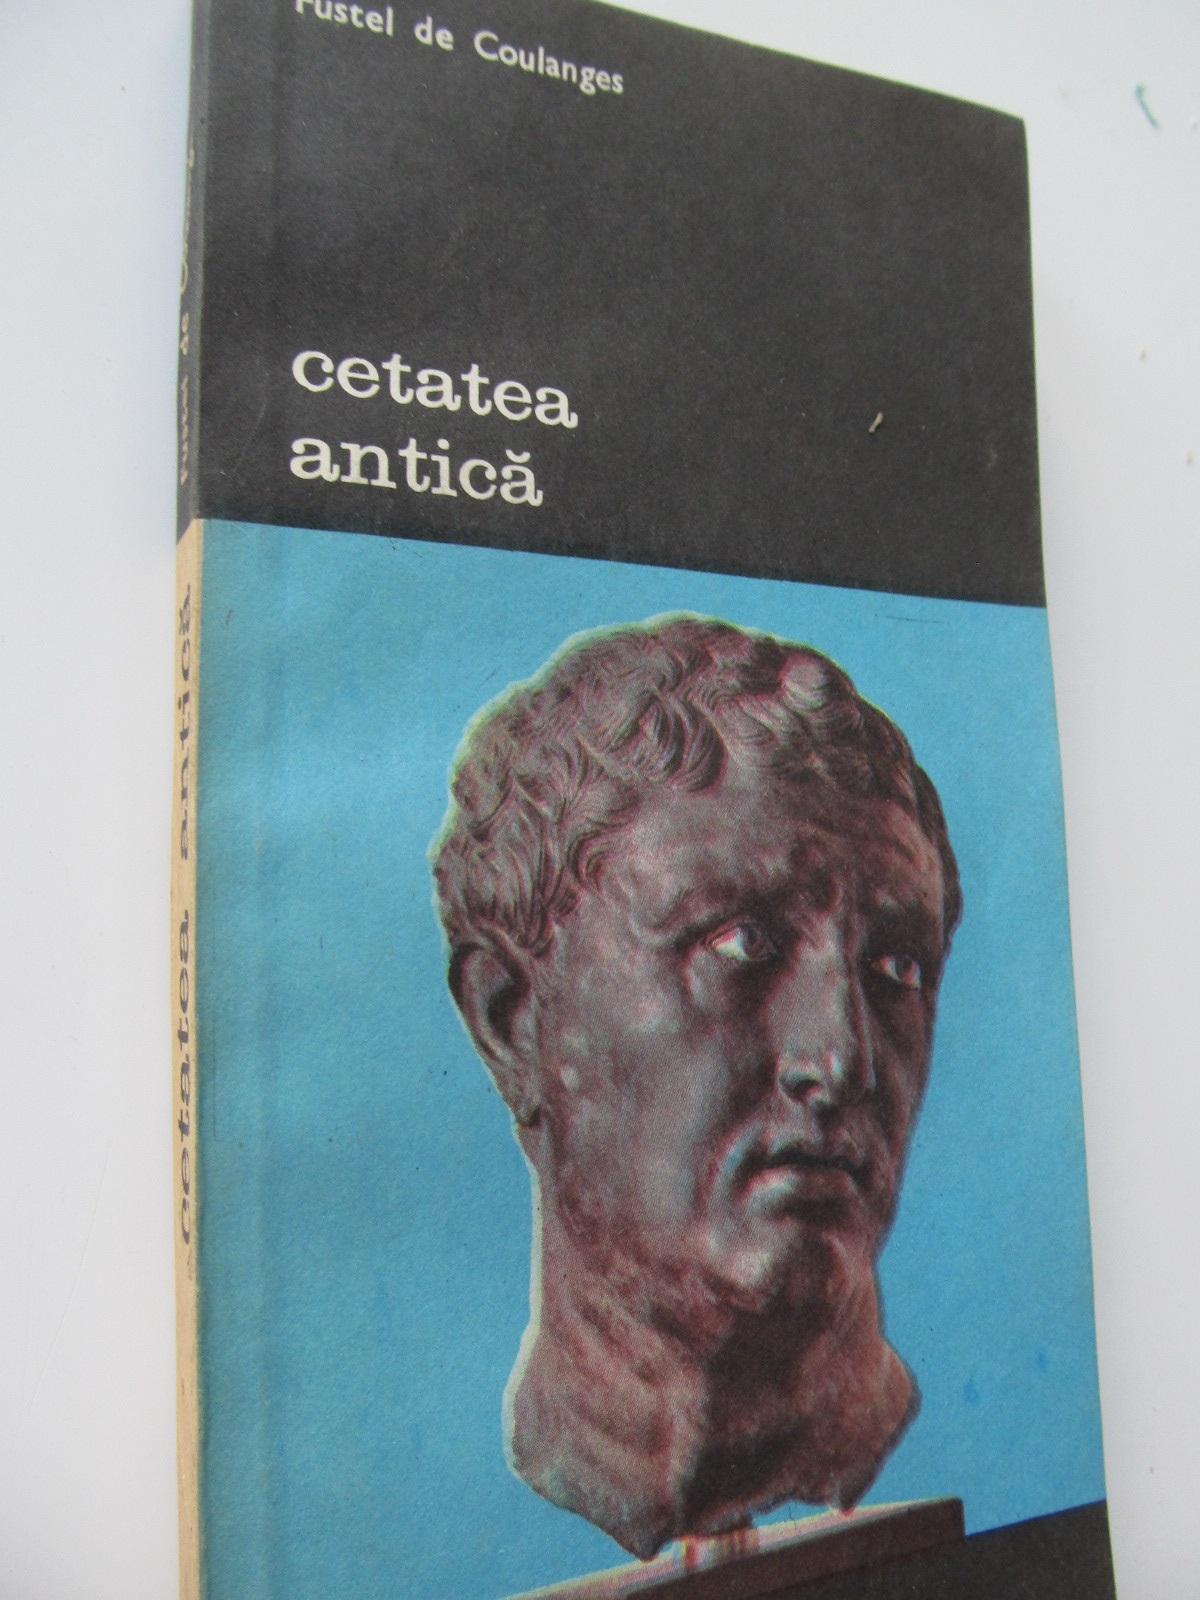 Cetatea antica (vol. II) - Fustel de Coulanges | Detalii carte